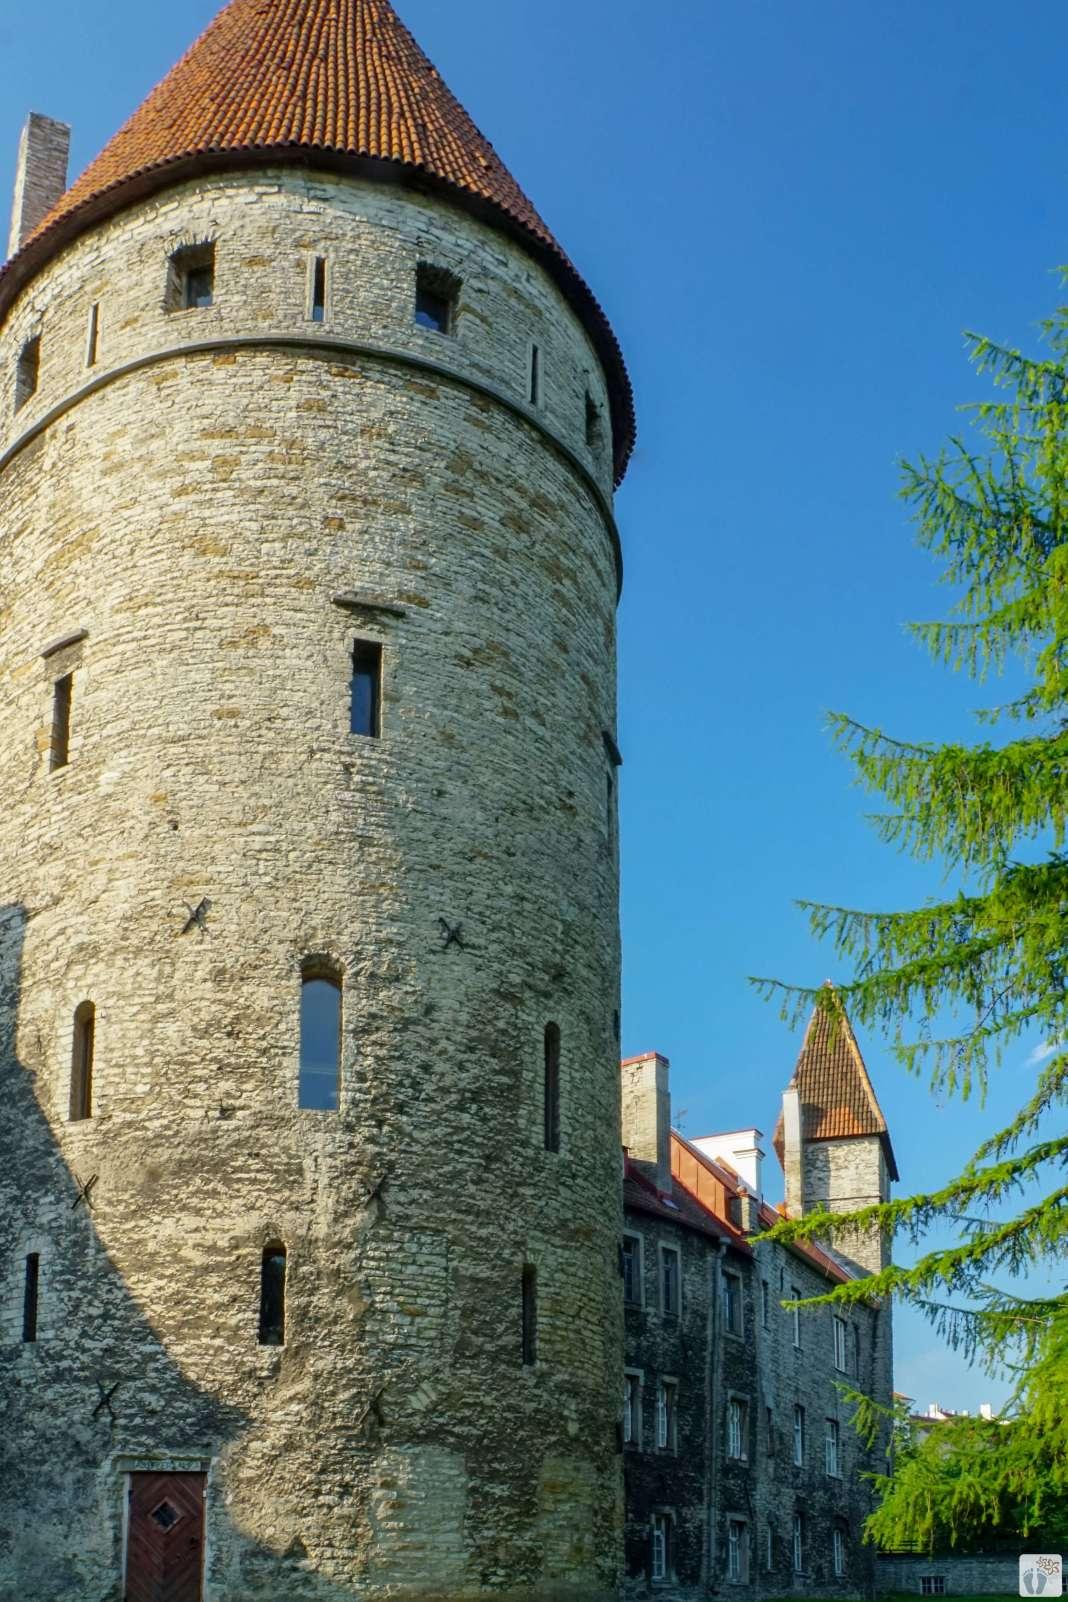 Teil der Stadtmauer von Tallinn - Estland